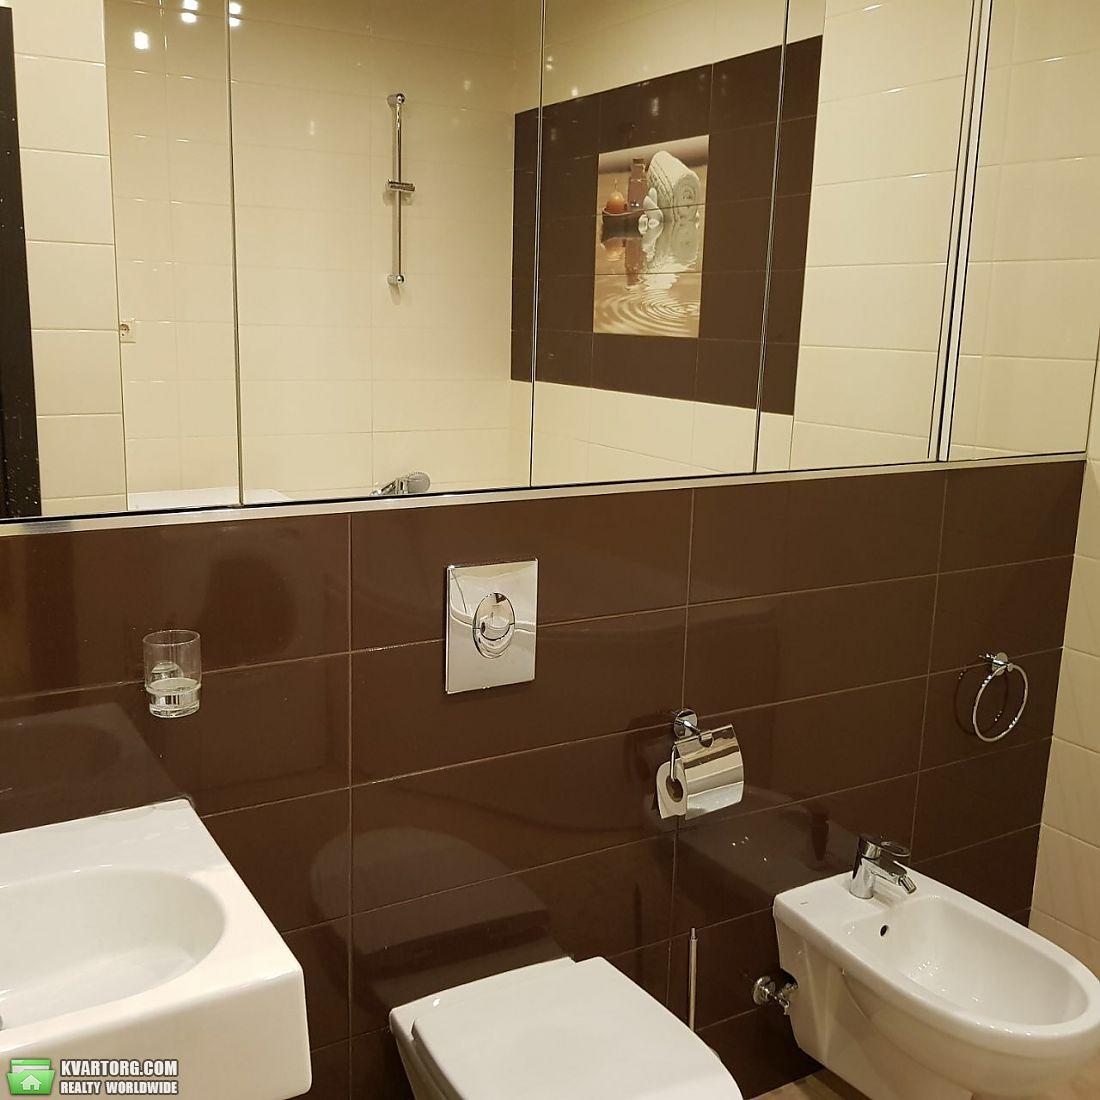 сдам 2-комнатную квартиру. Днепропетровск,  Погребняка - фото 7